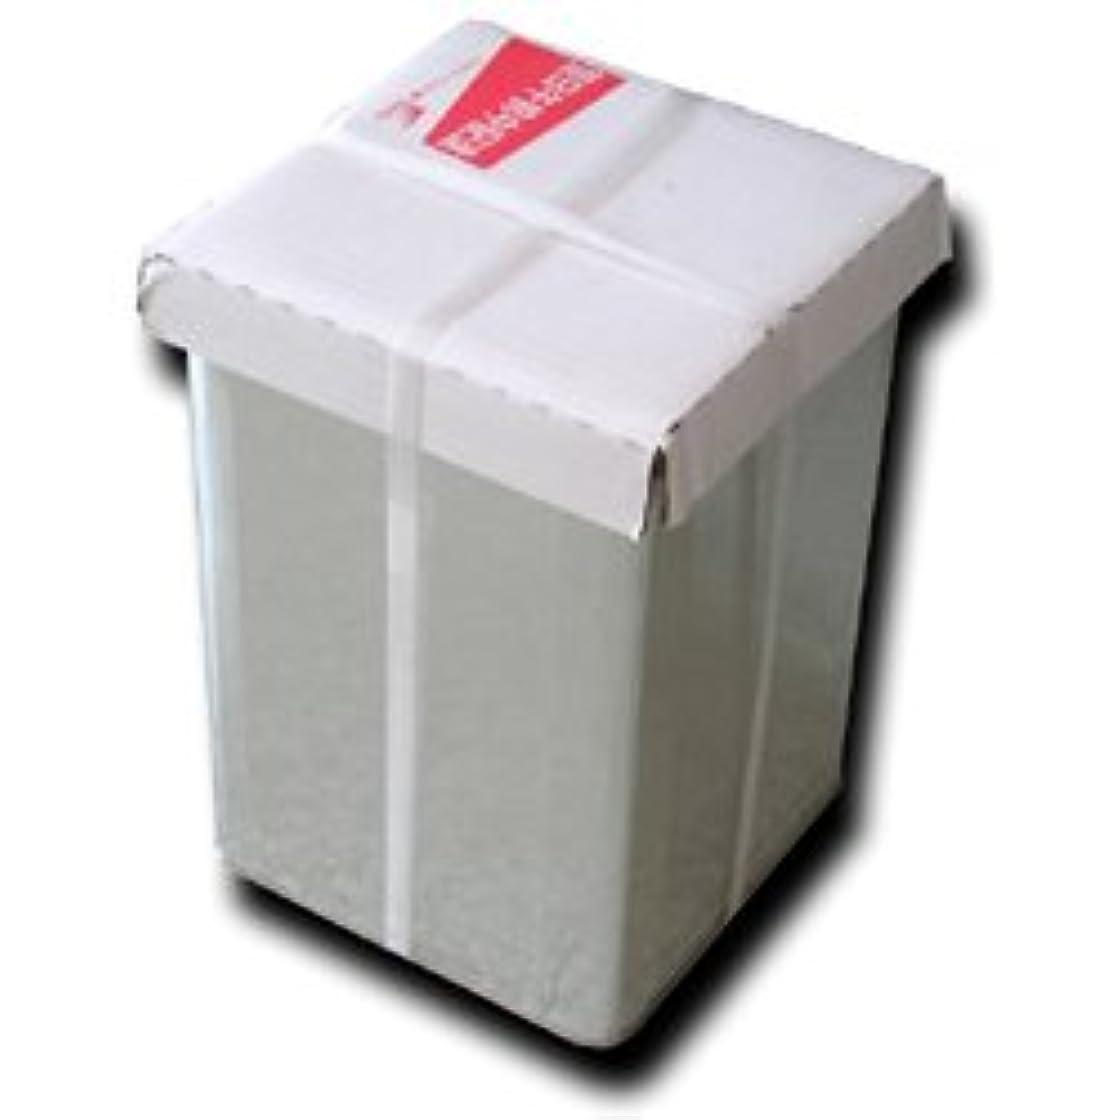 機動時間ツーリスト業務用 DHA油 ドコサヘキサエン酸 16kg×1缶 卸用